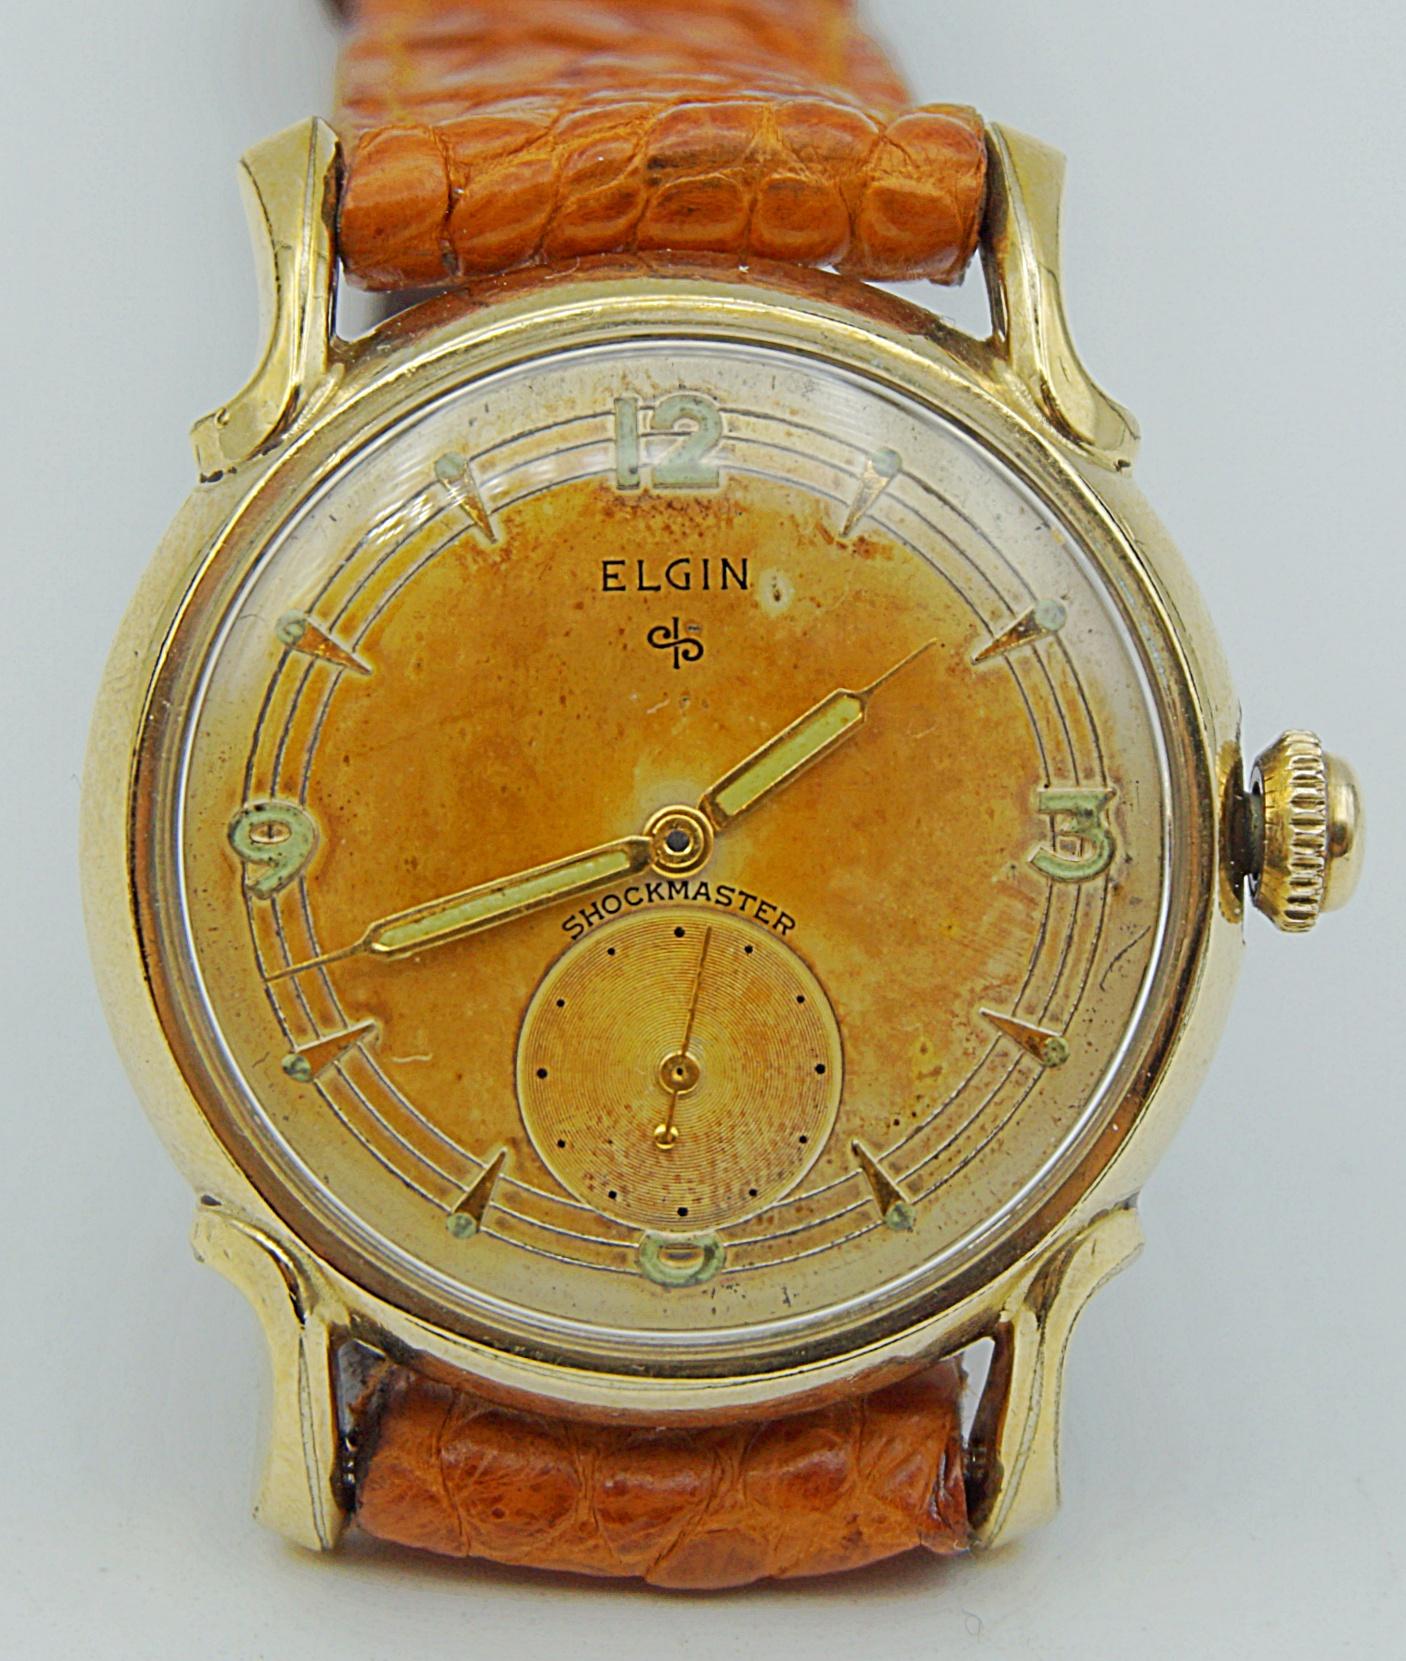 นาฬิกาเก่า ELGIN ไขลานสองเข็มครึ่ง